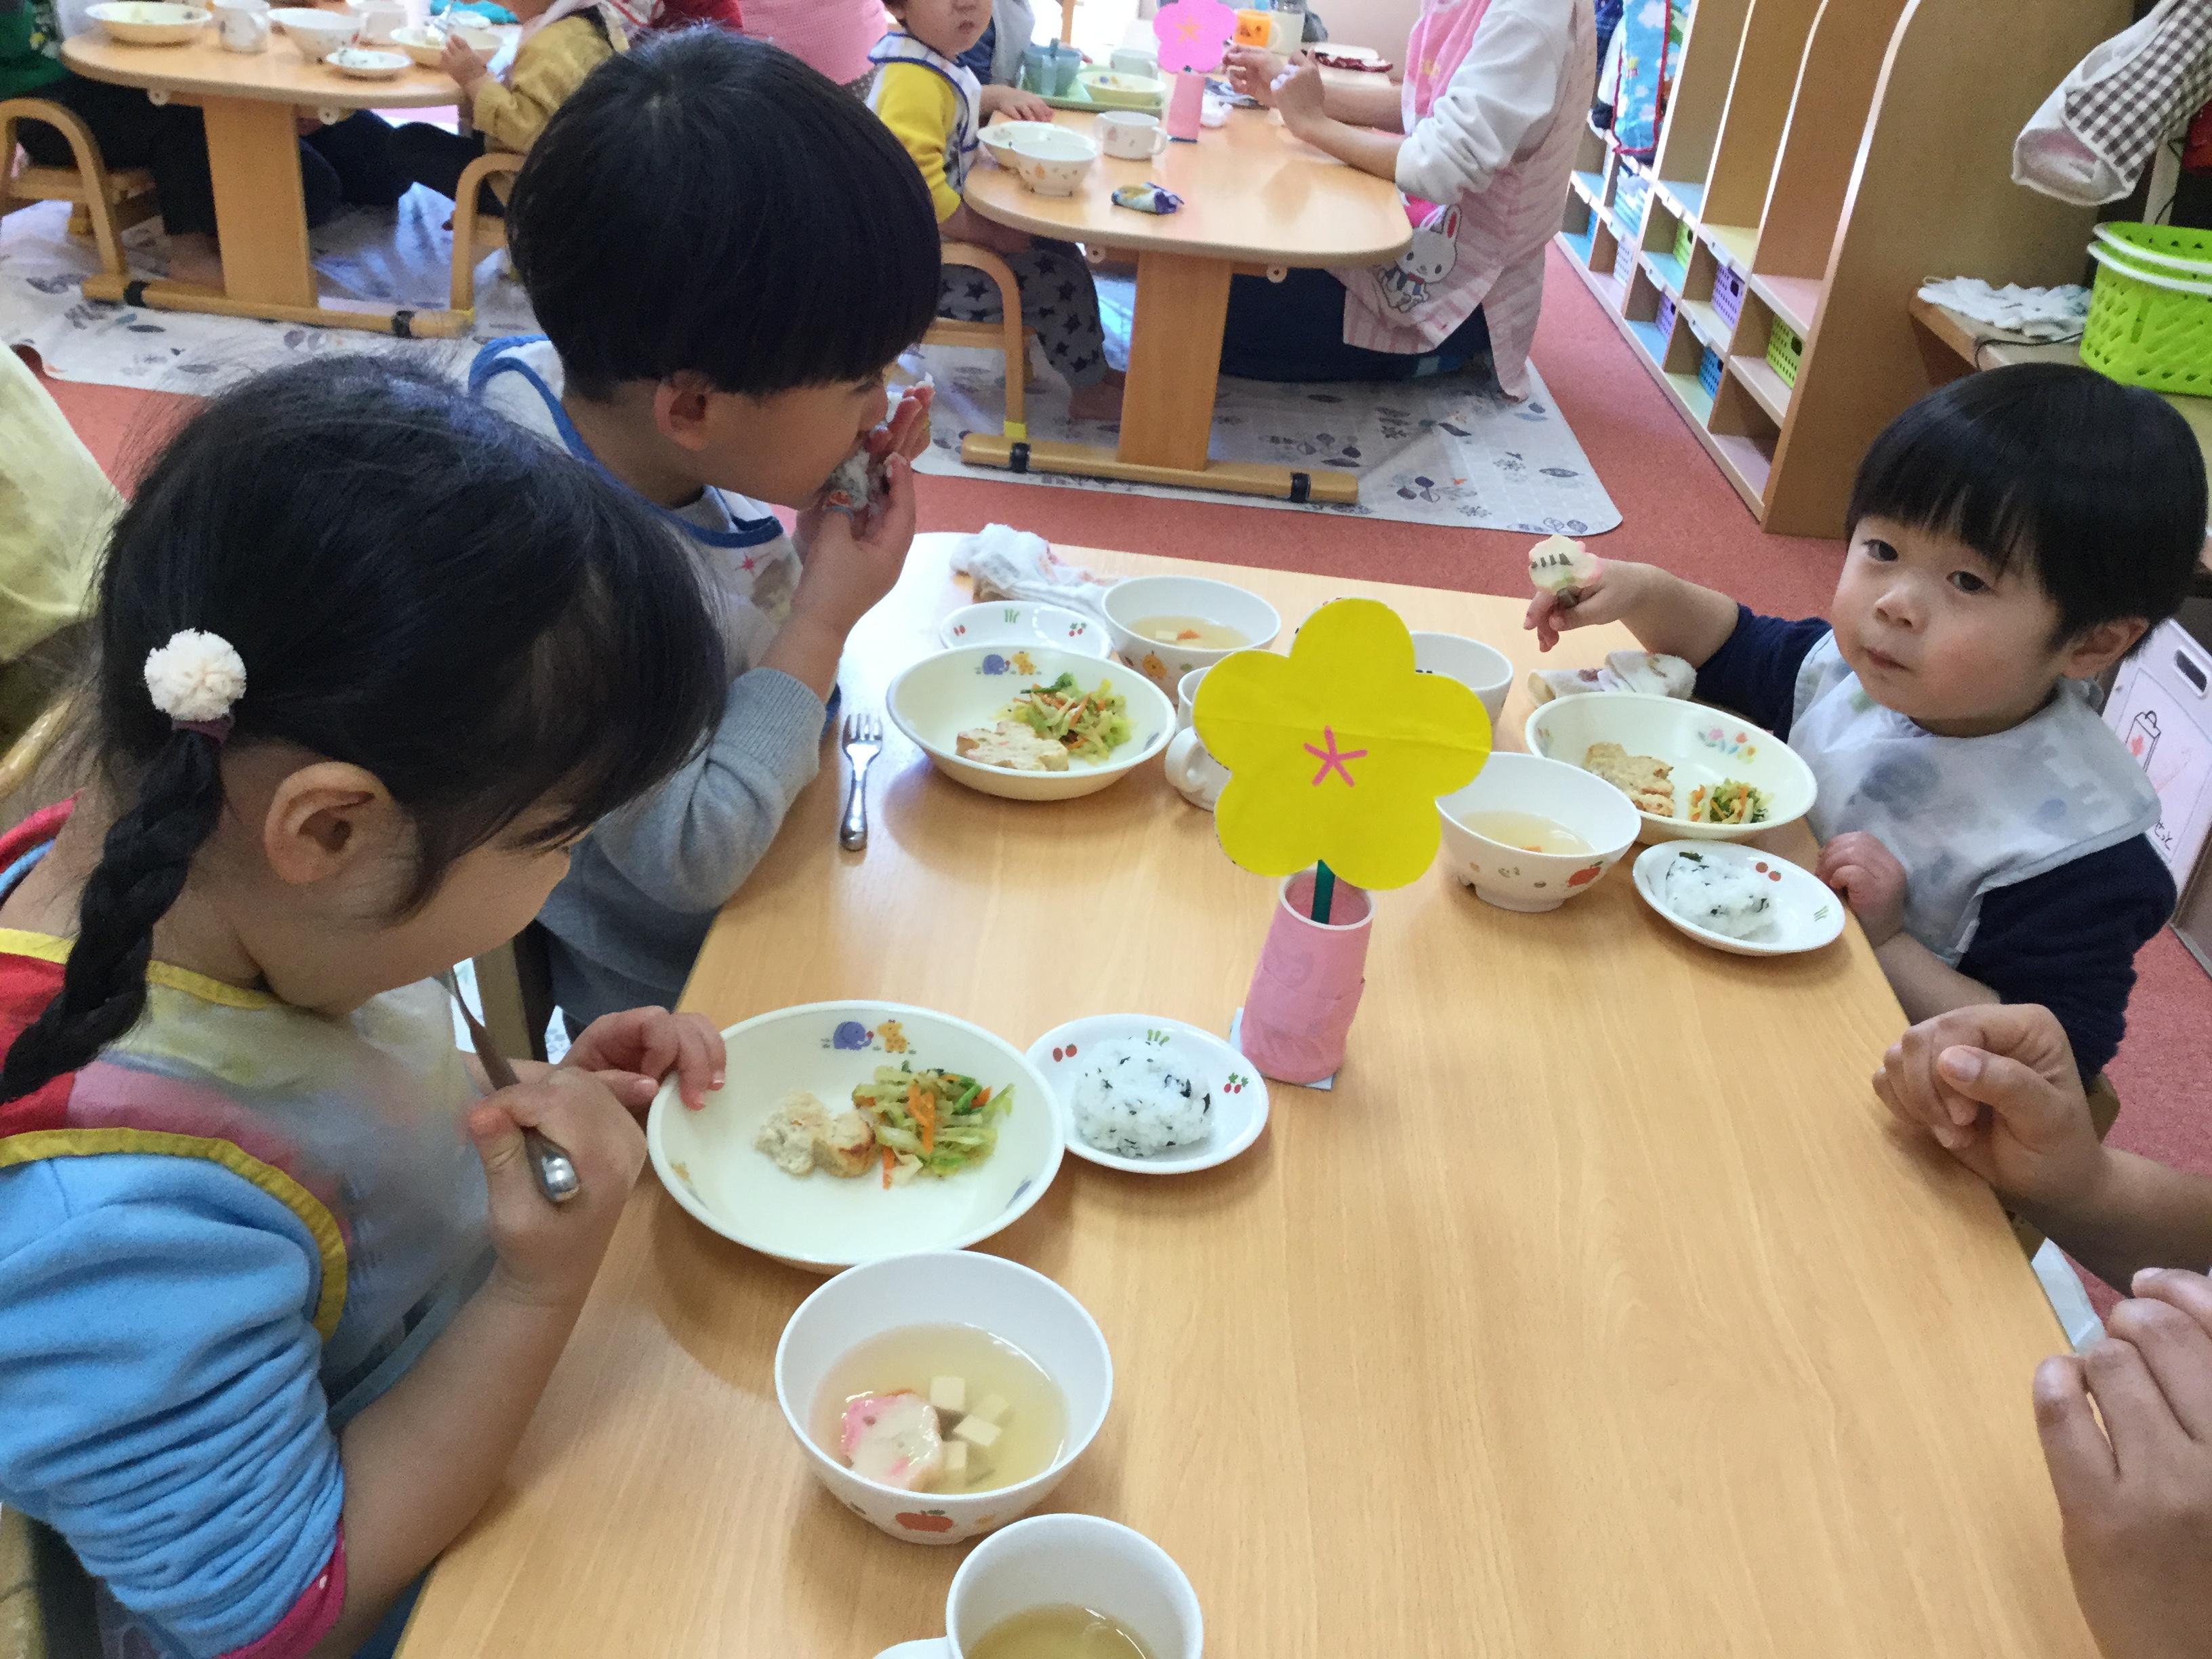 給食はひなまつりメニューで、みんなで美味しく食べることが     できました。